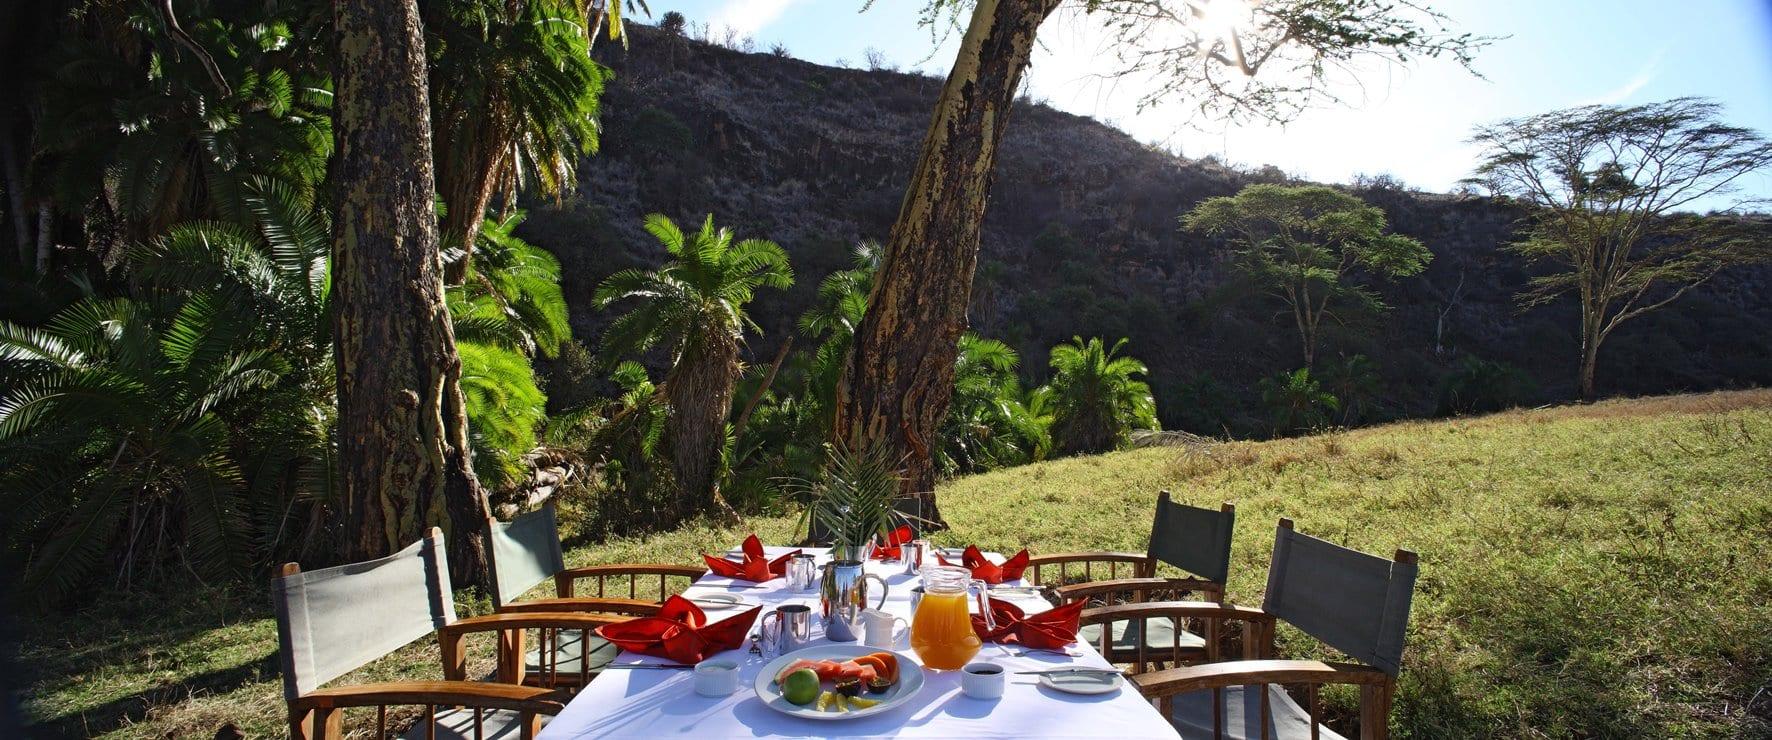 Lewa Safari Camp - Bush Breakfast1